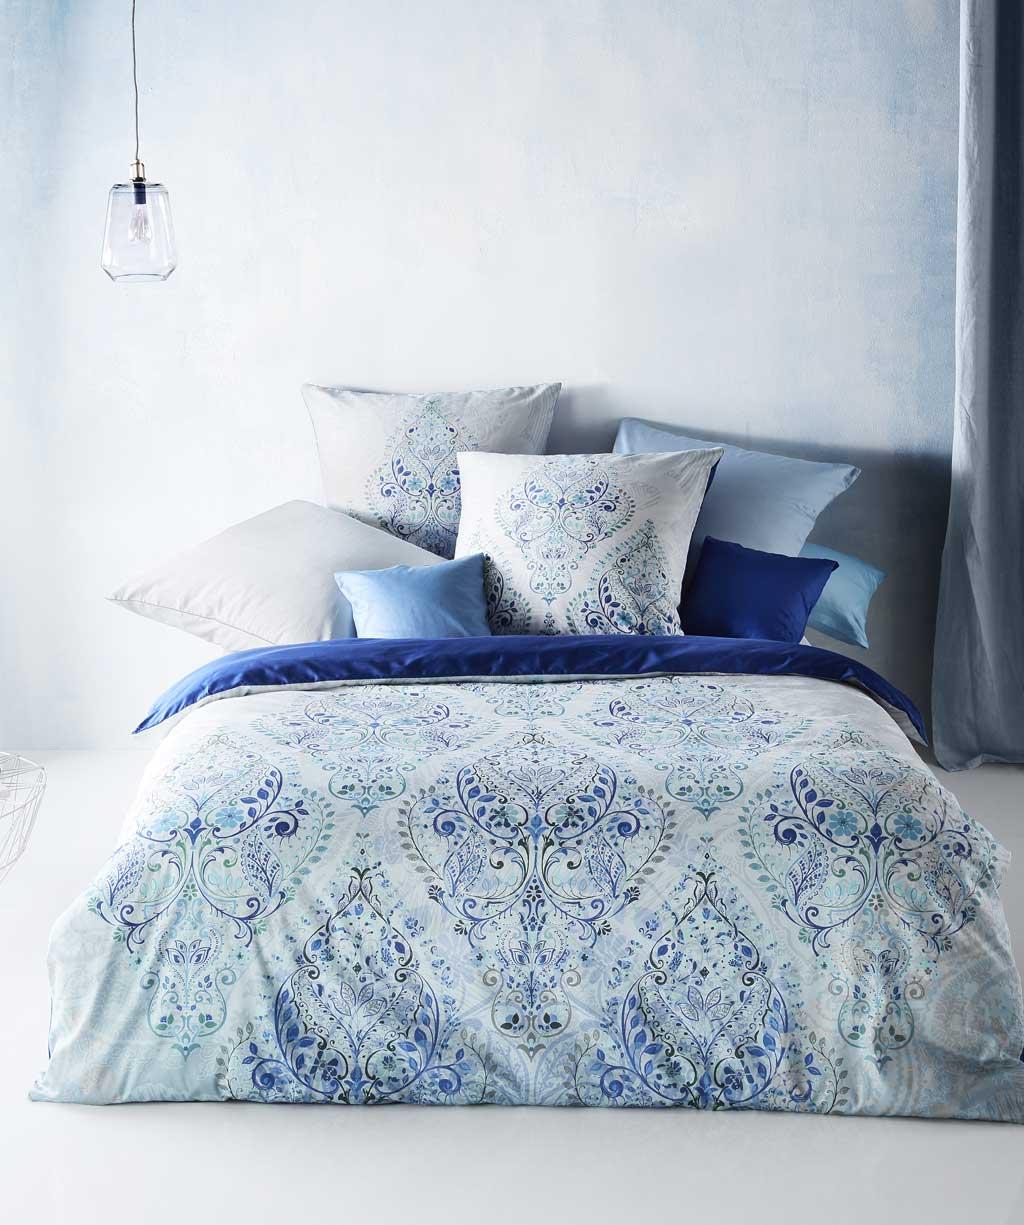 Mako Satin Bettwäsche mit blauen Ornamenten - Digitaldruck